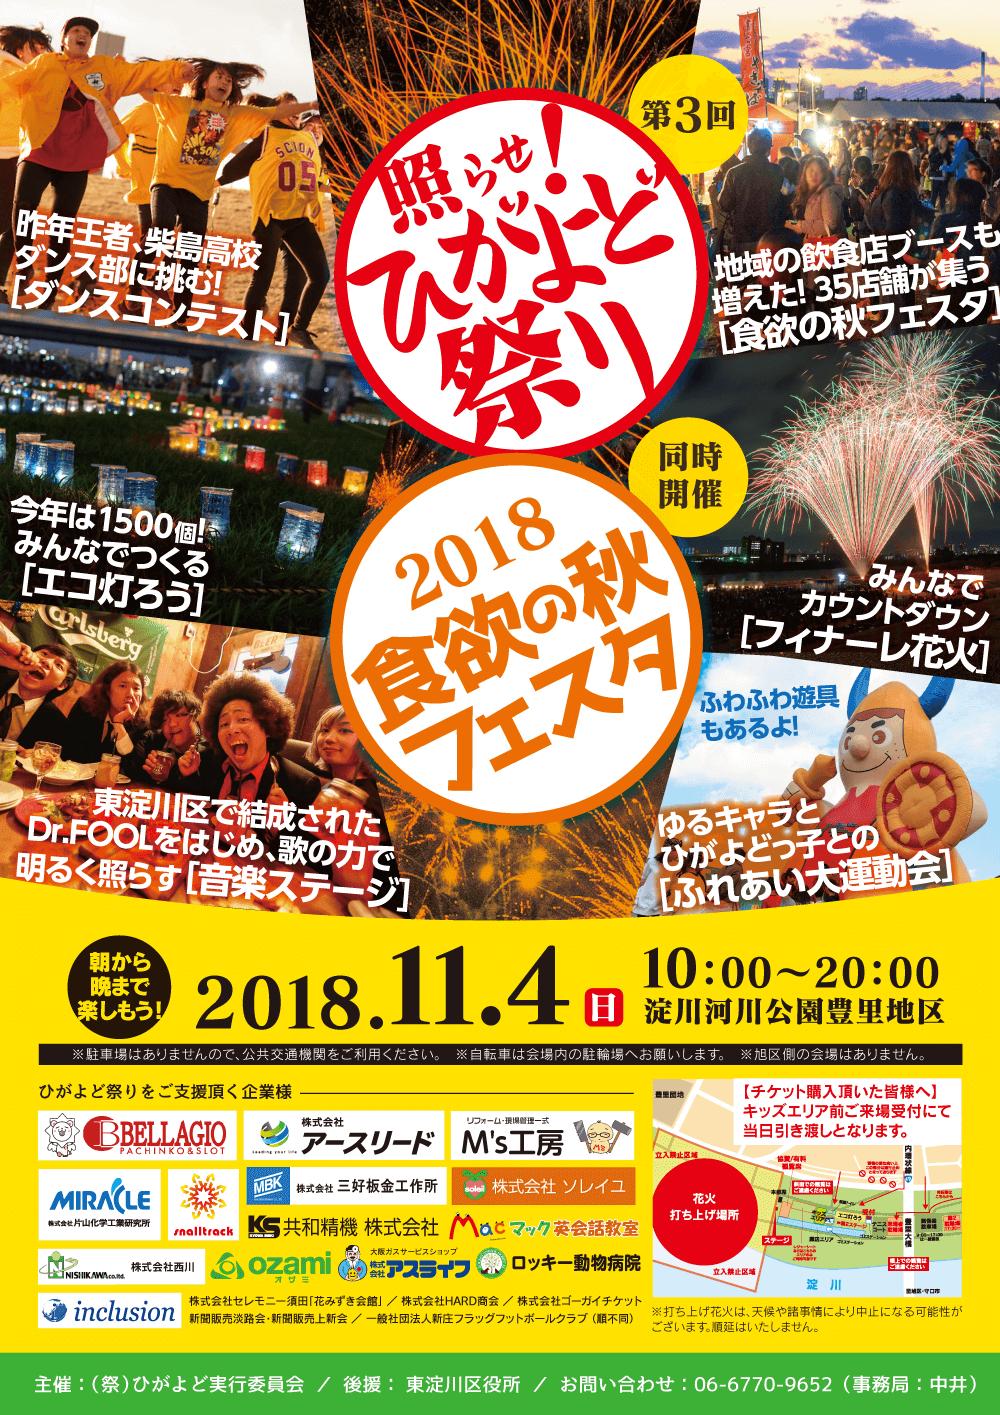 ひがよど祭り2018ポスター